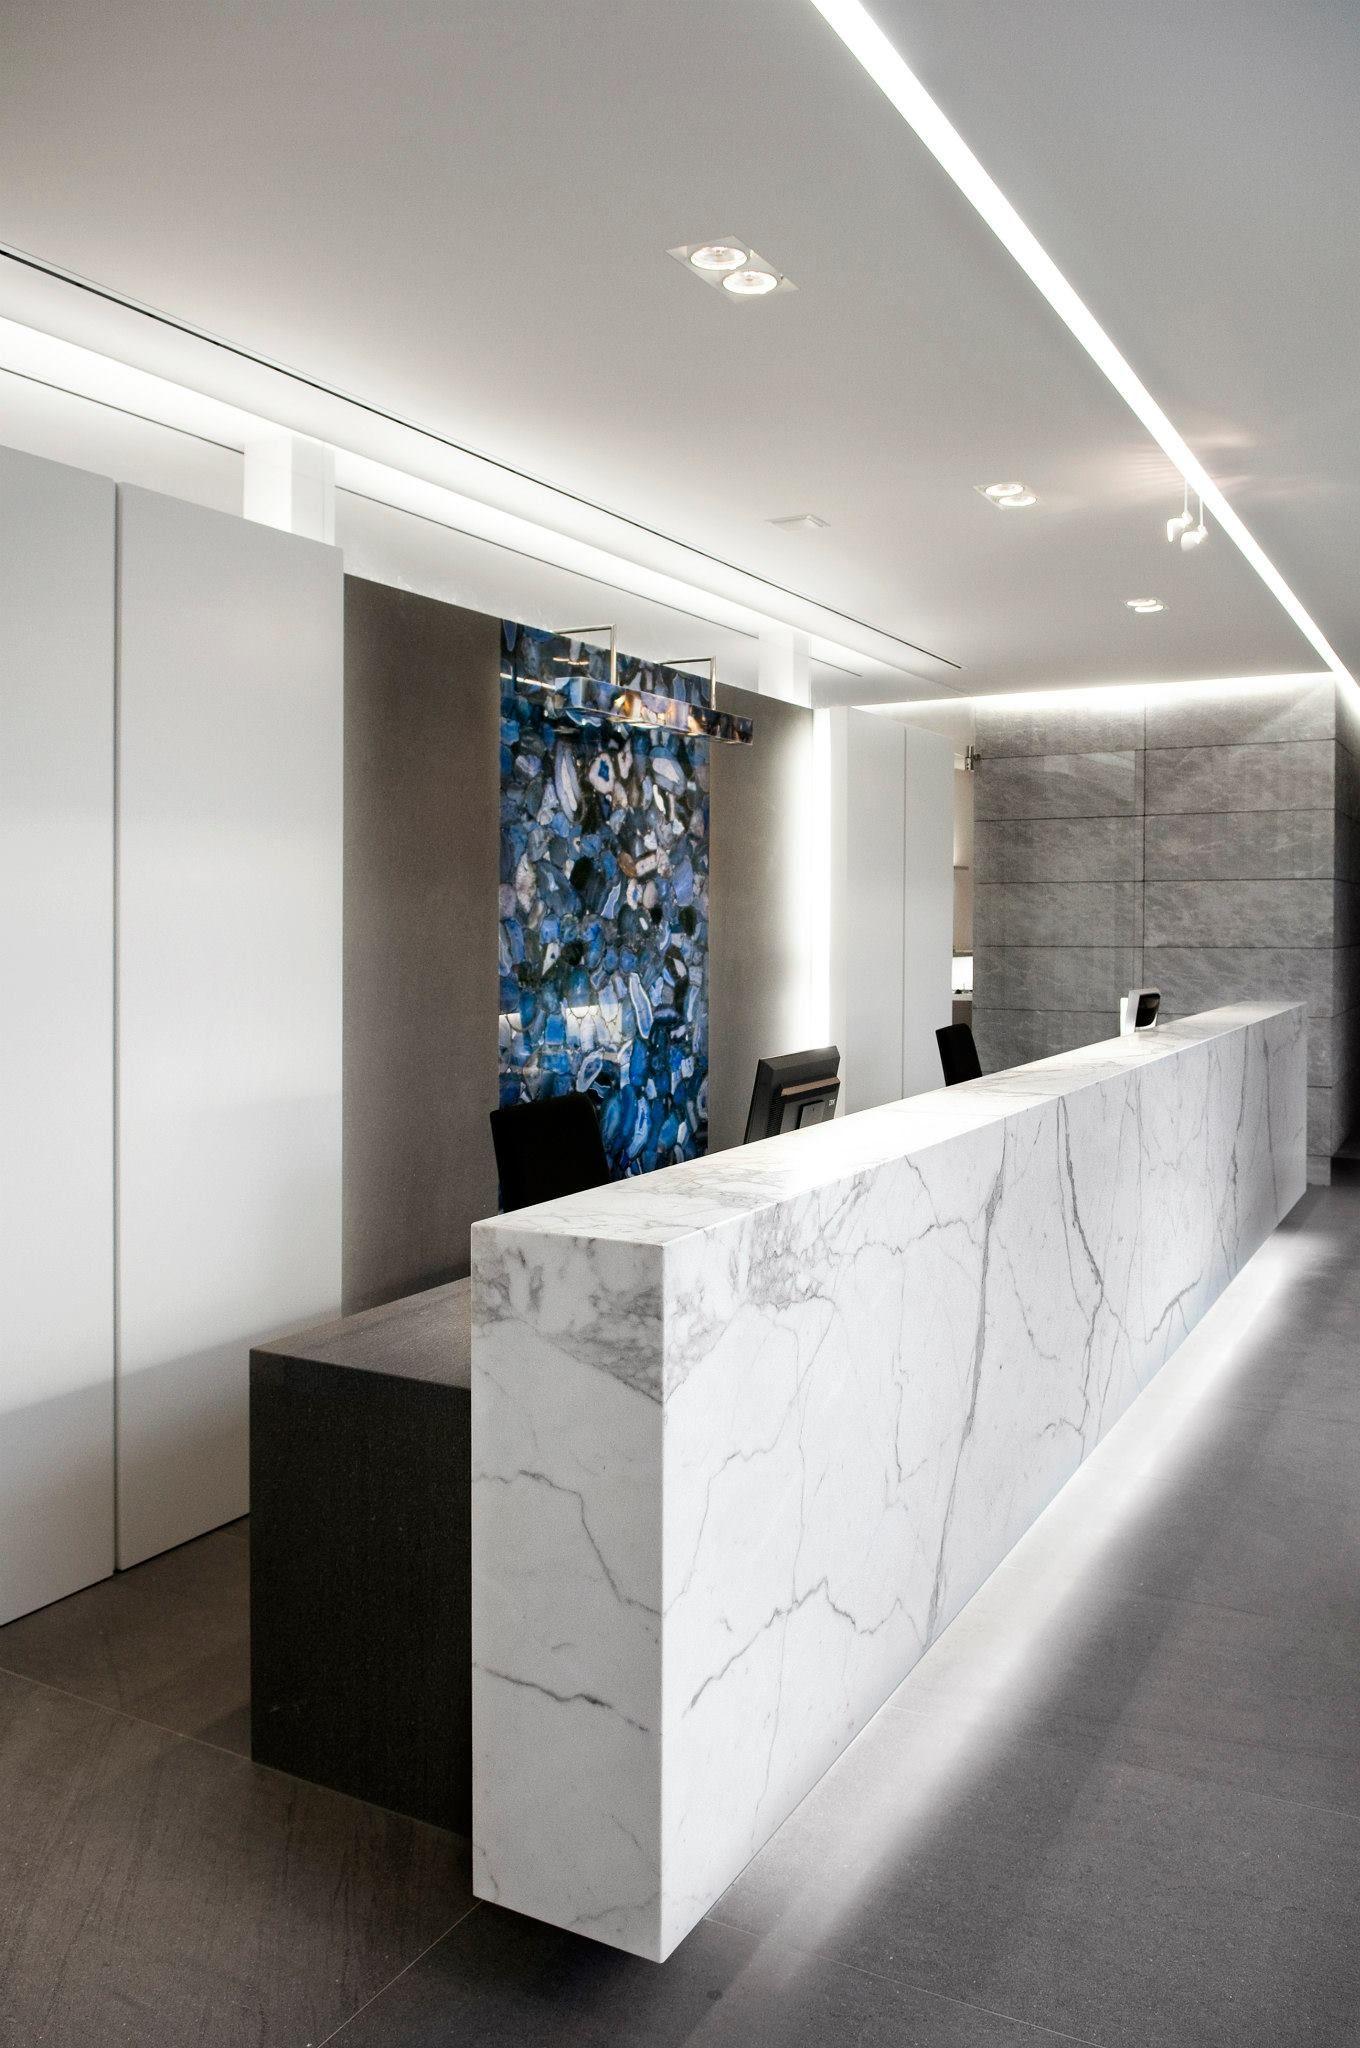 Zulte Stone Company Buro Interior Reception Desk Design